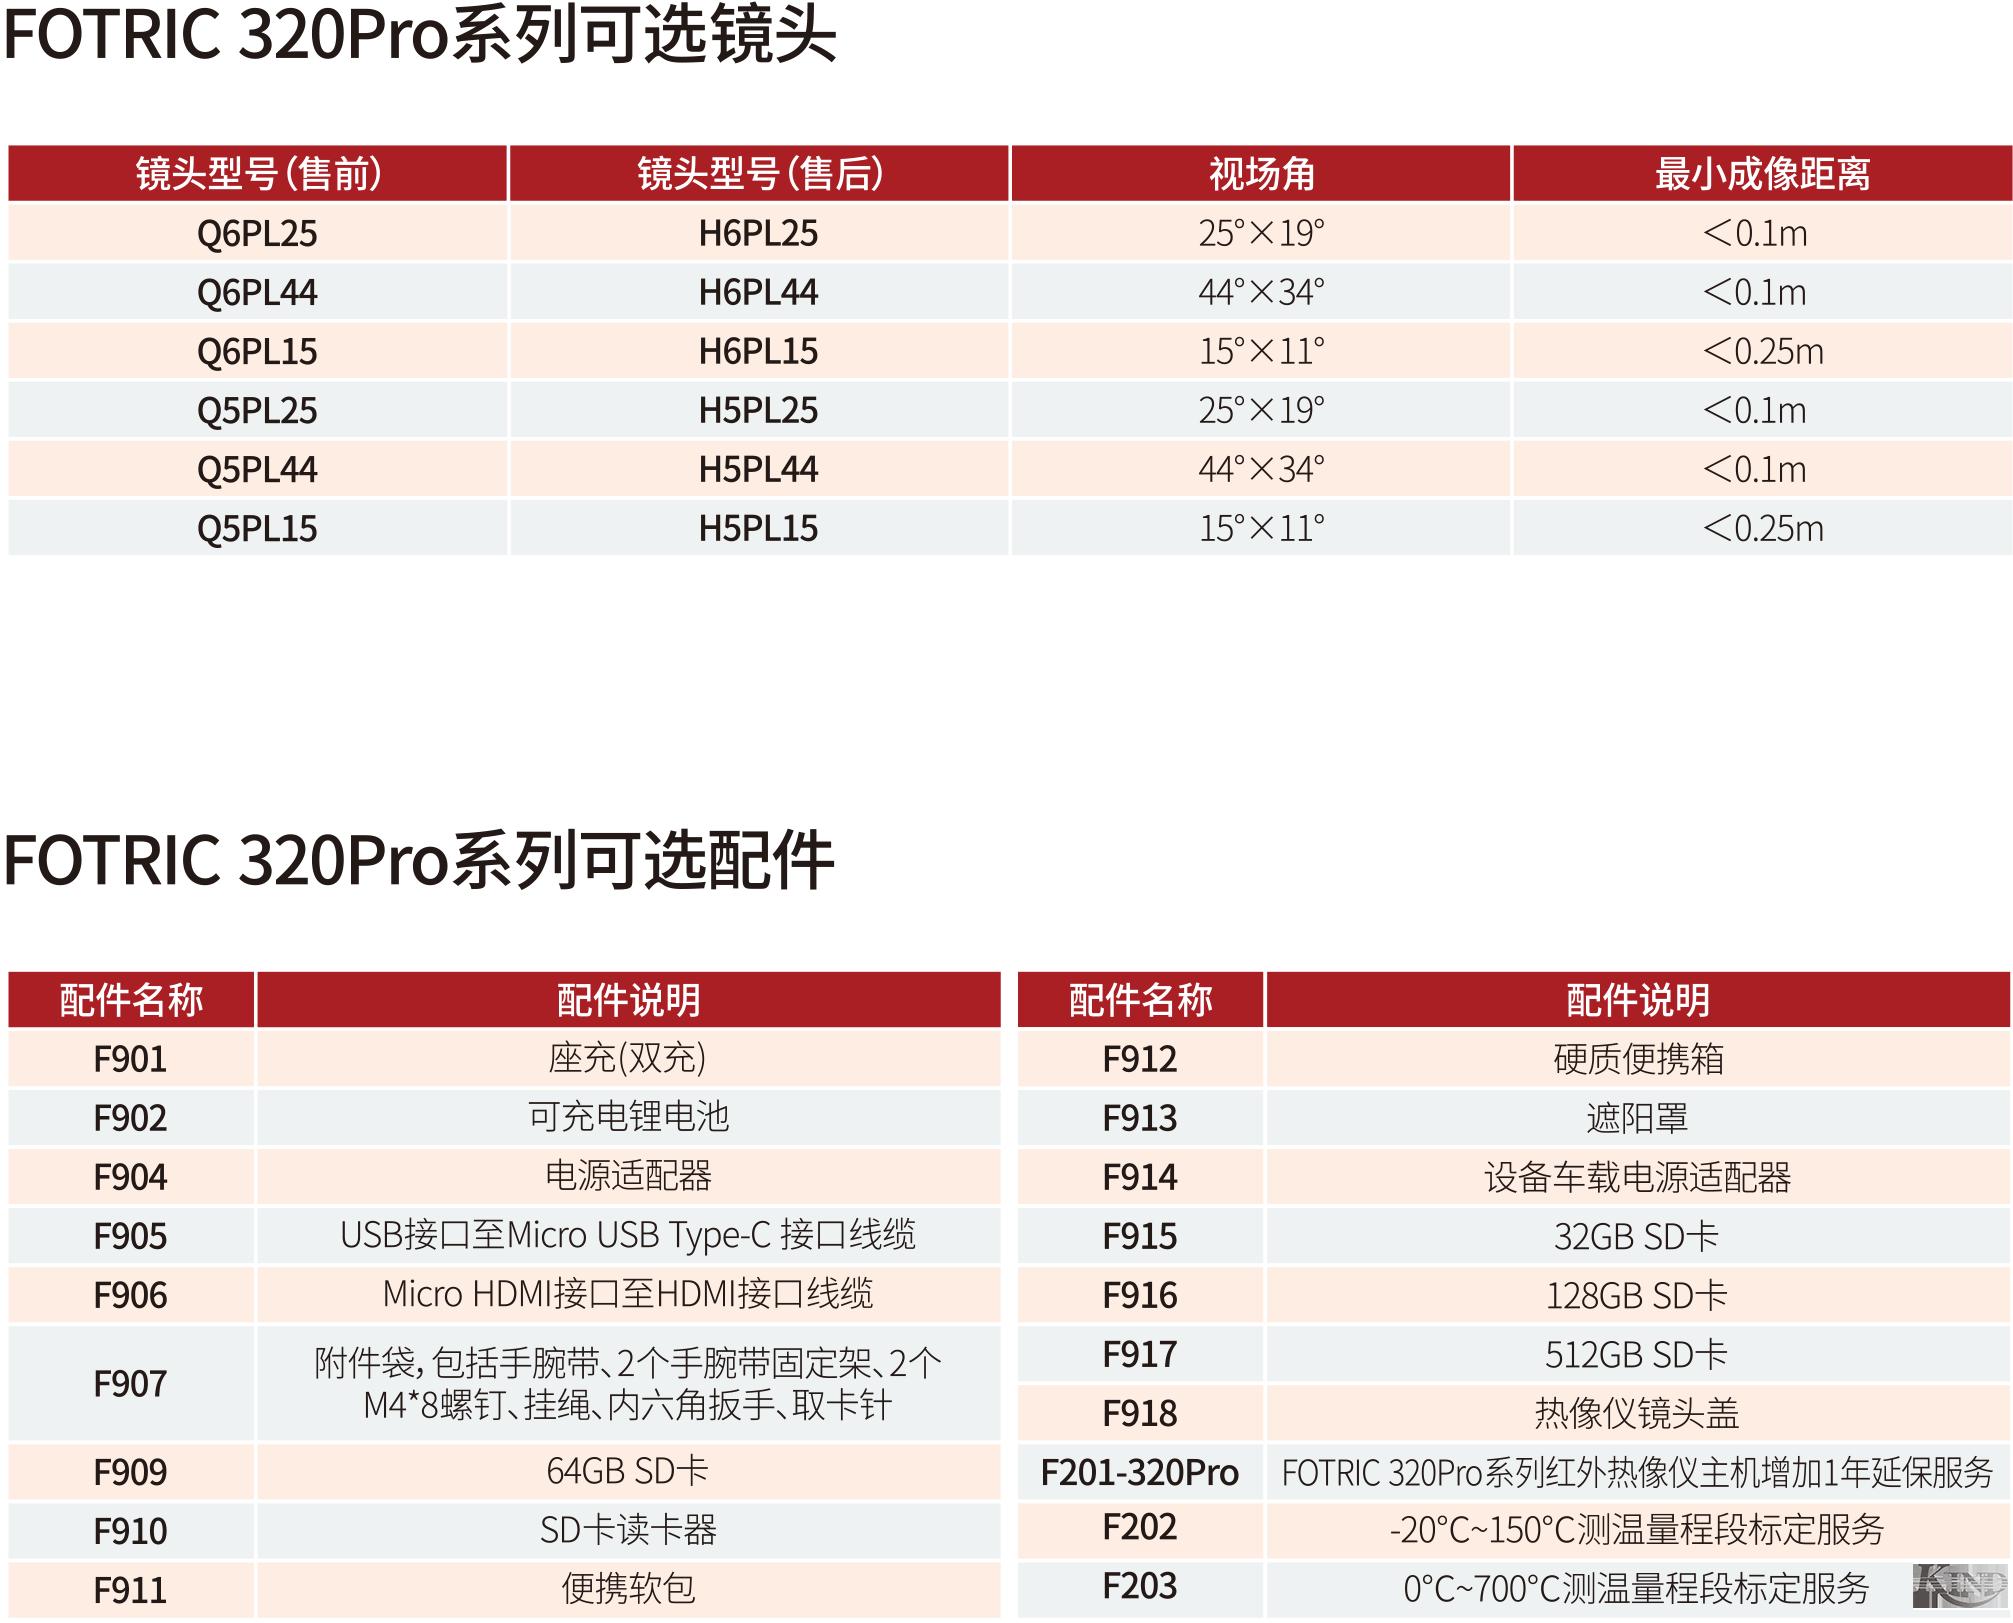 上海仁厚電子有限公司  Shanghai Kind Electronics Co., Ltd.